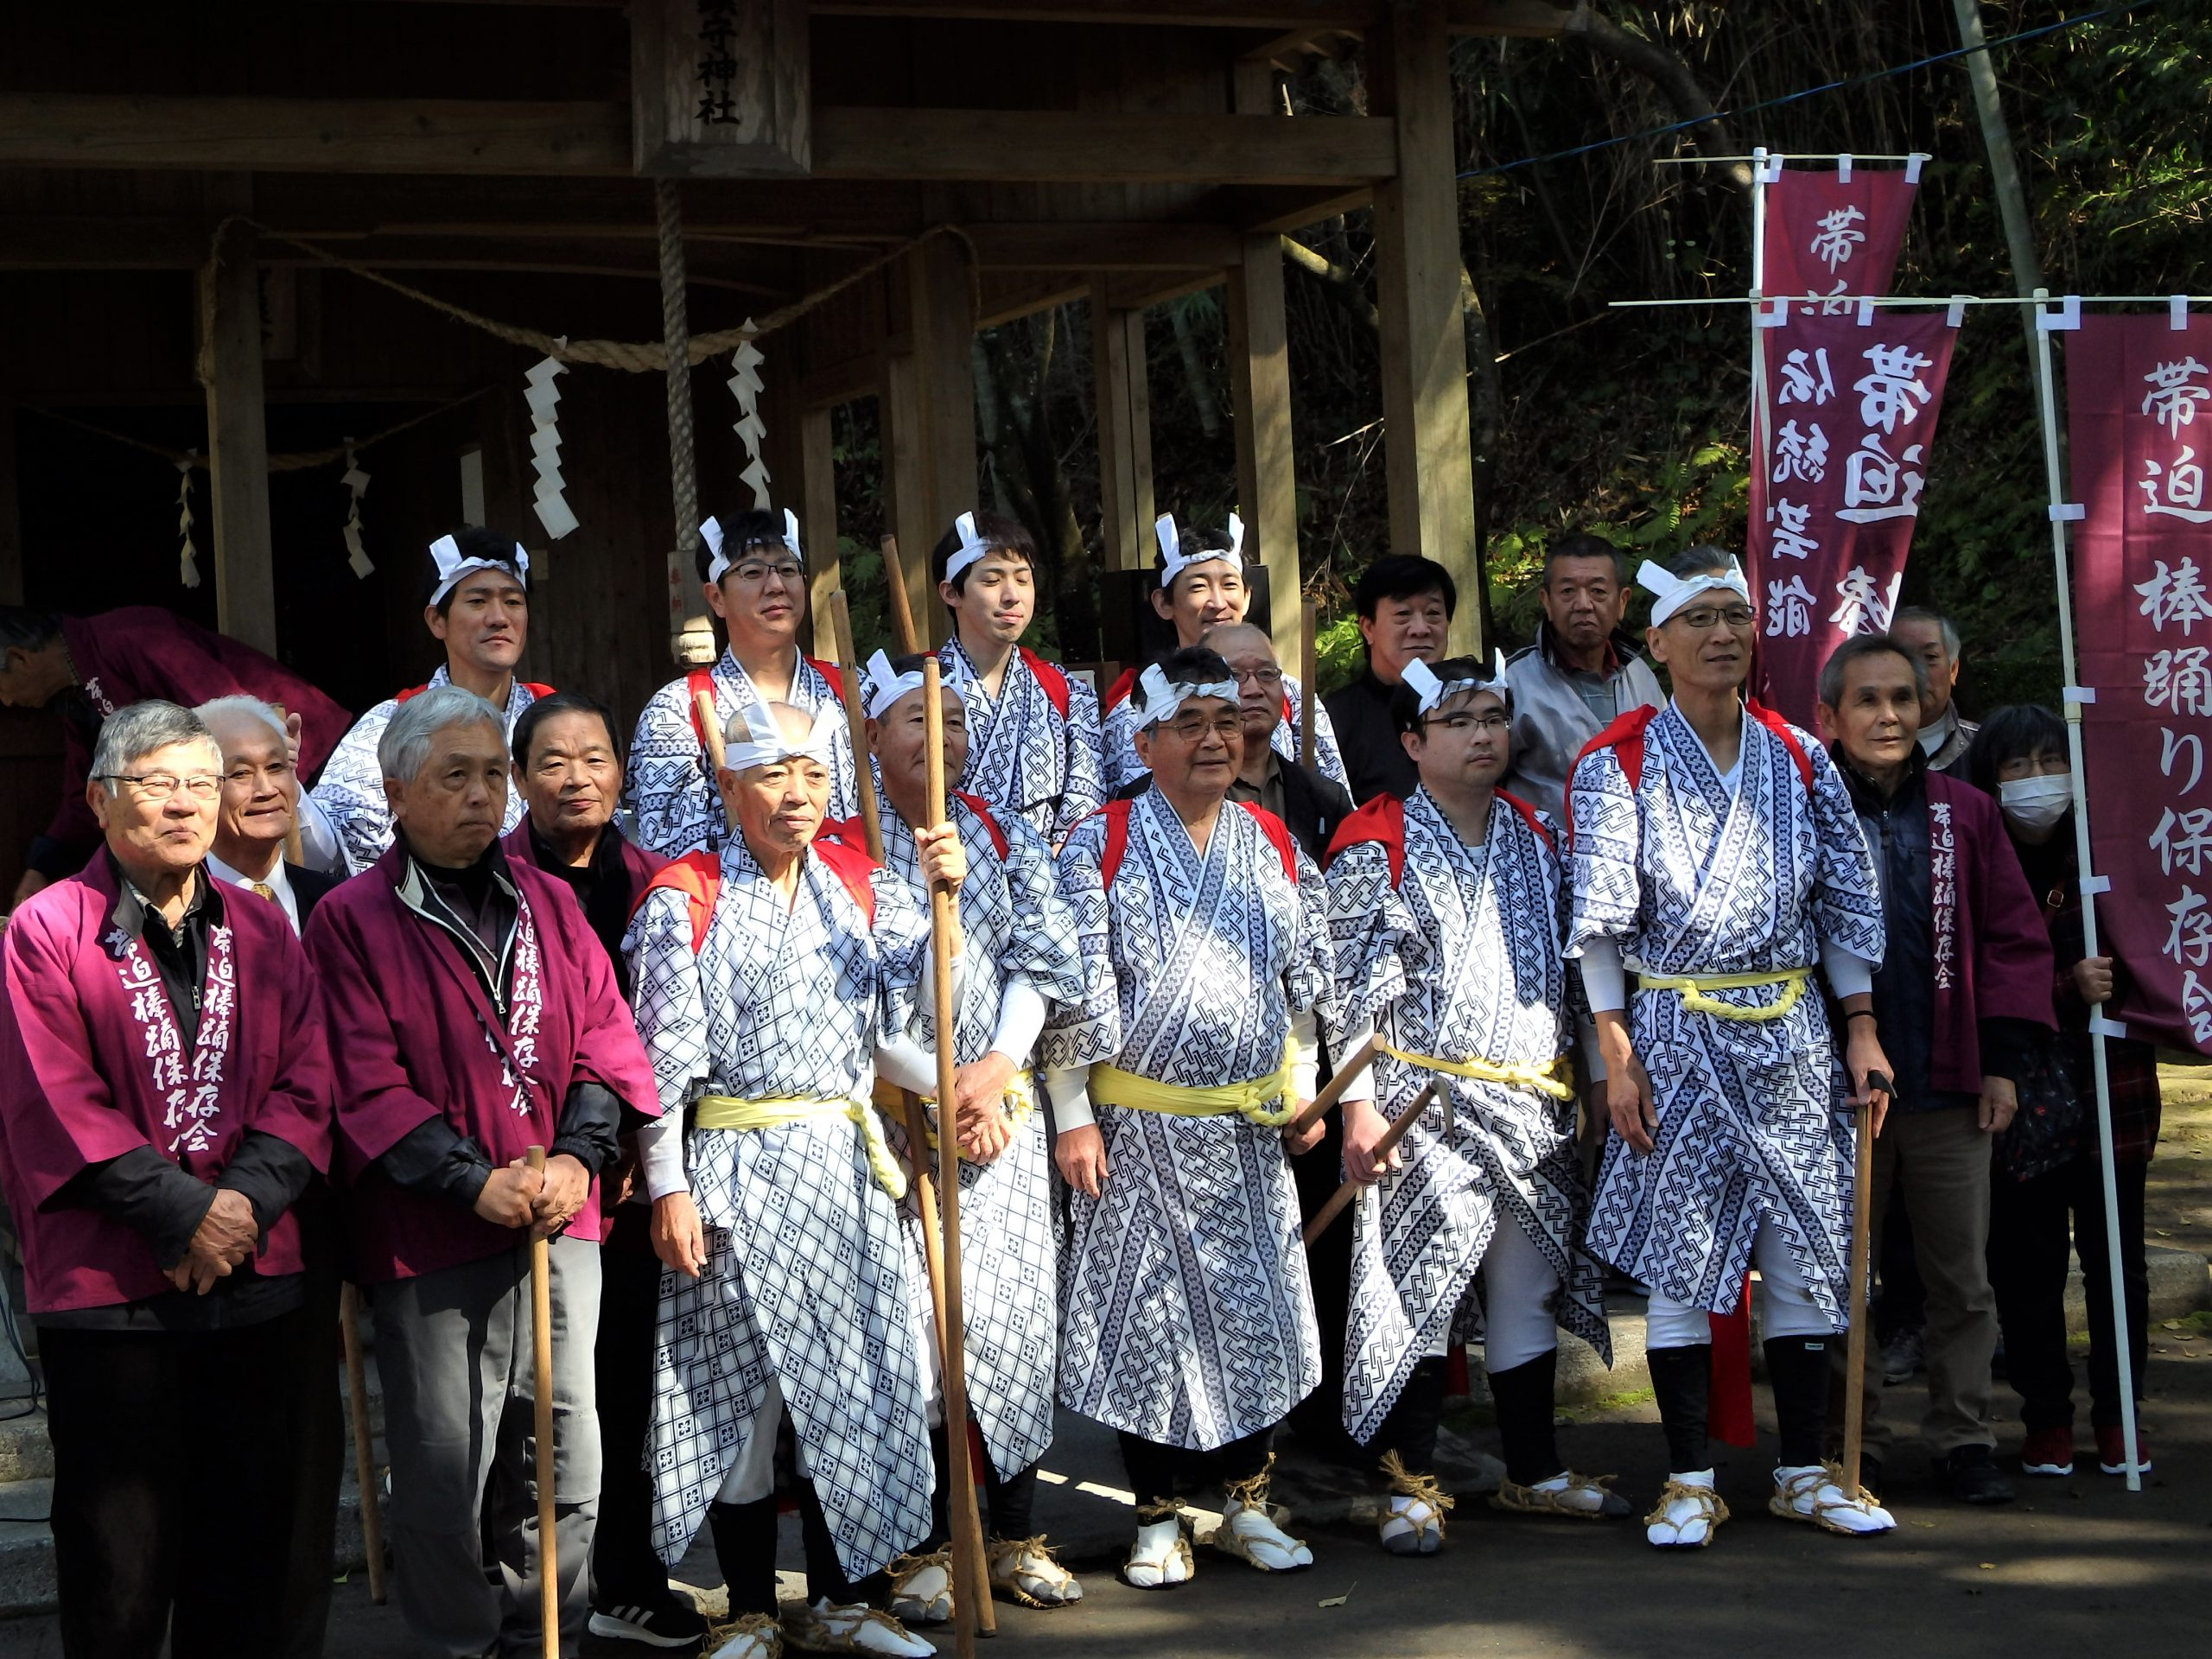 棒踊り(帯迫)